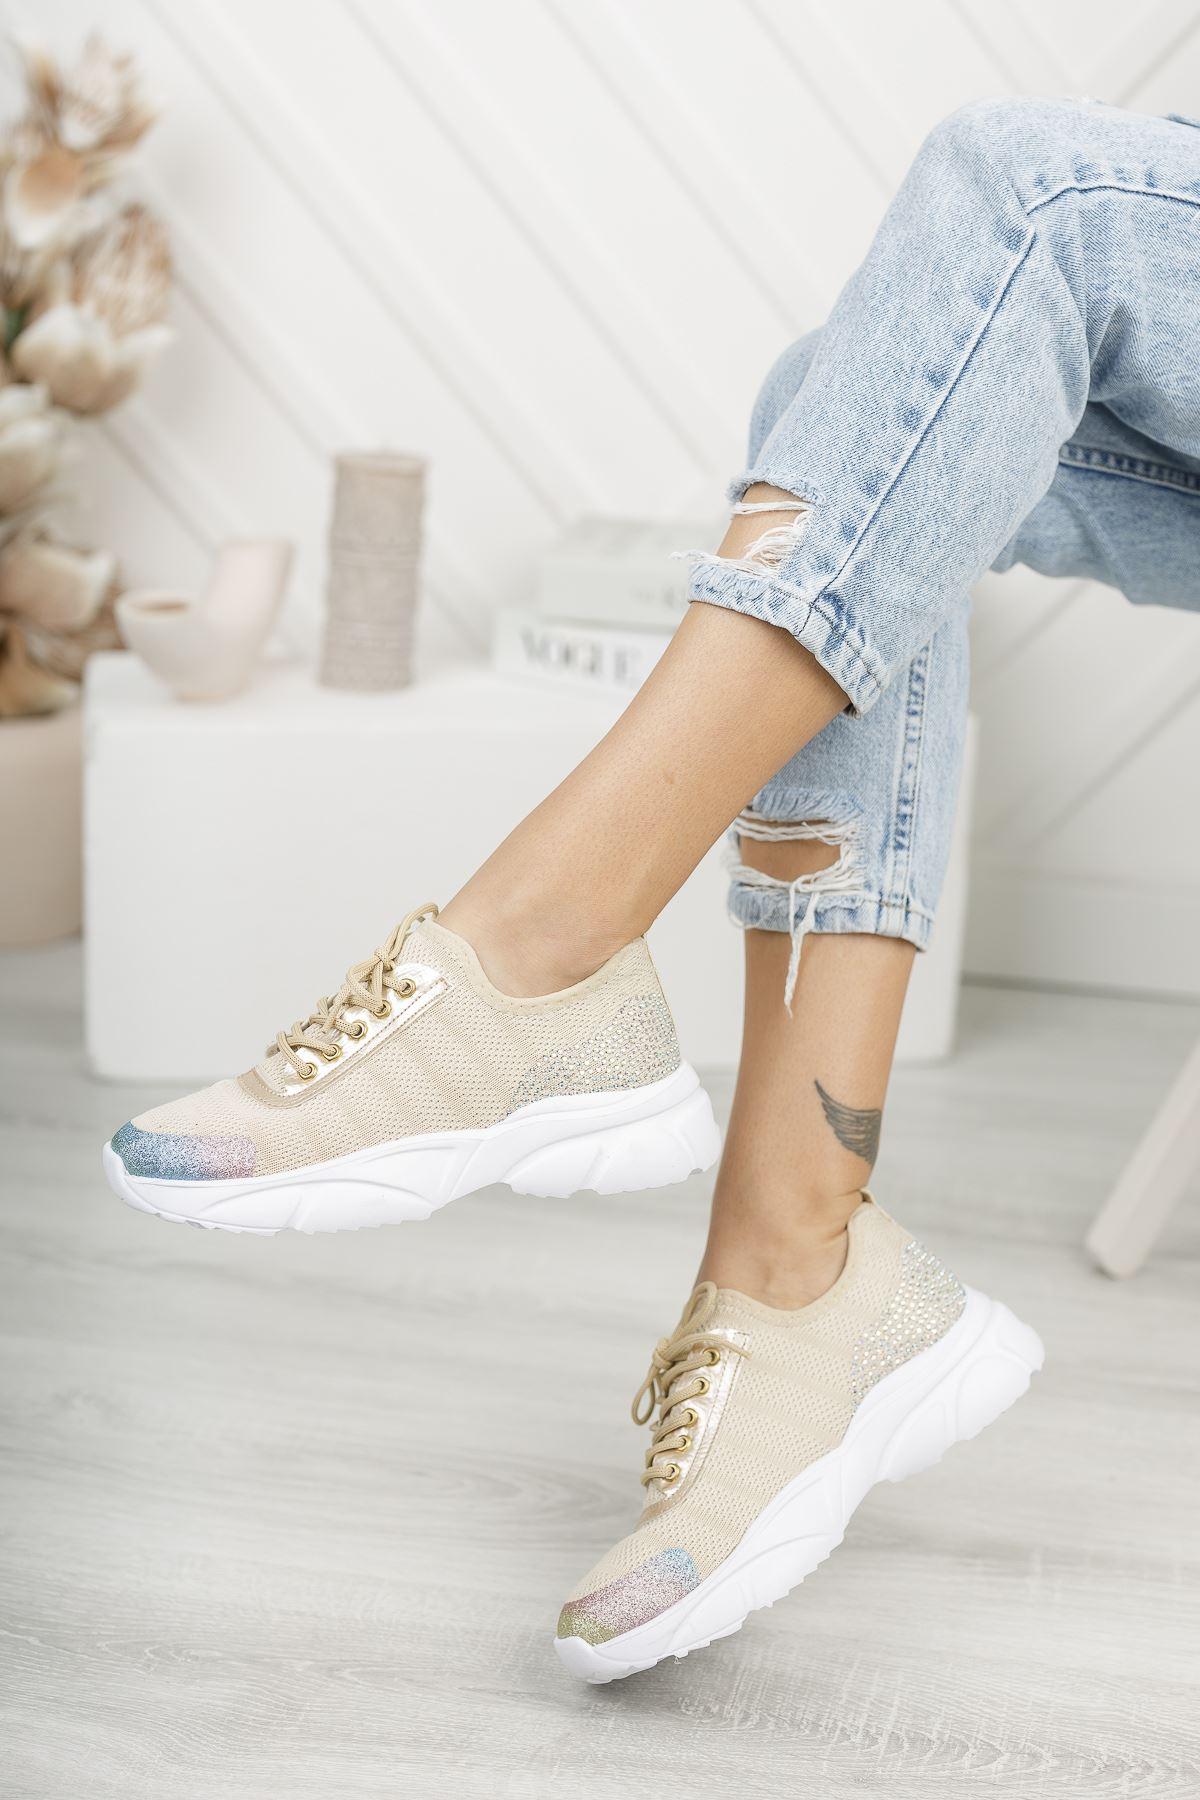 Verda Vizon Simli Bağcıklı Triko Kadın Spor Ayakkabı